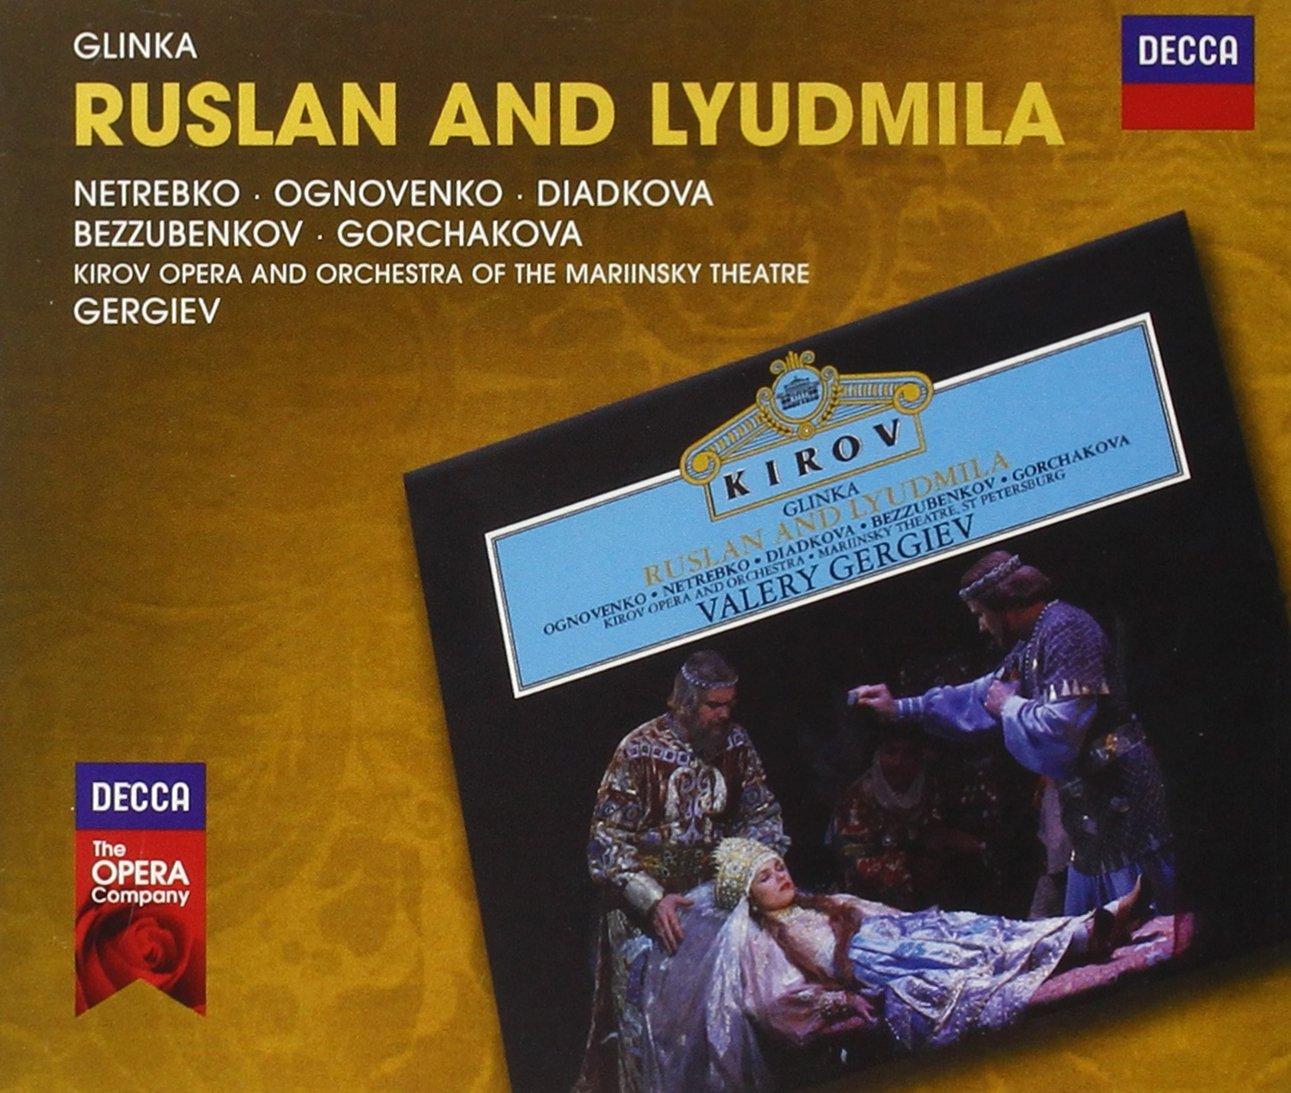 Resultado de imagen para ANNA NETREBKO Glinka Ruslan and Lyudmila